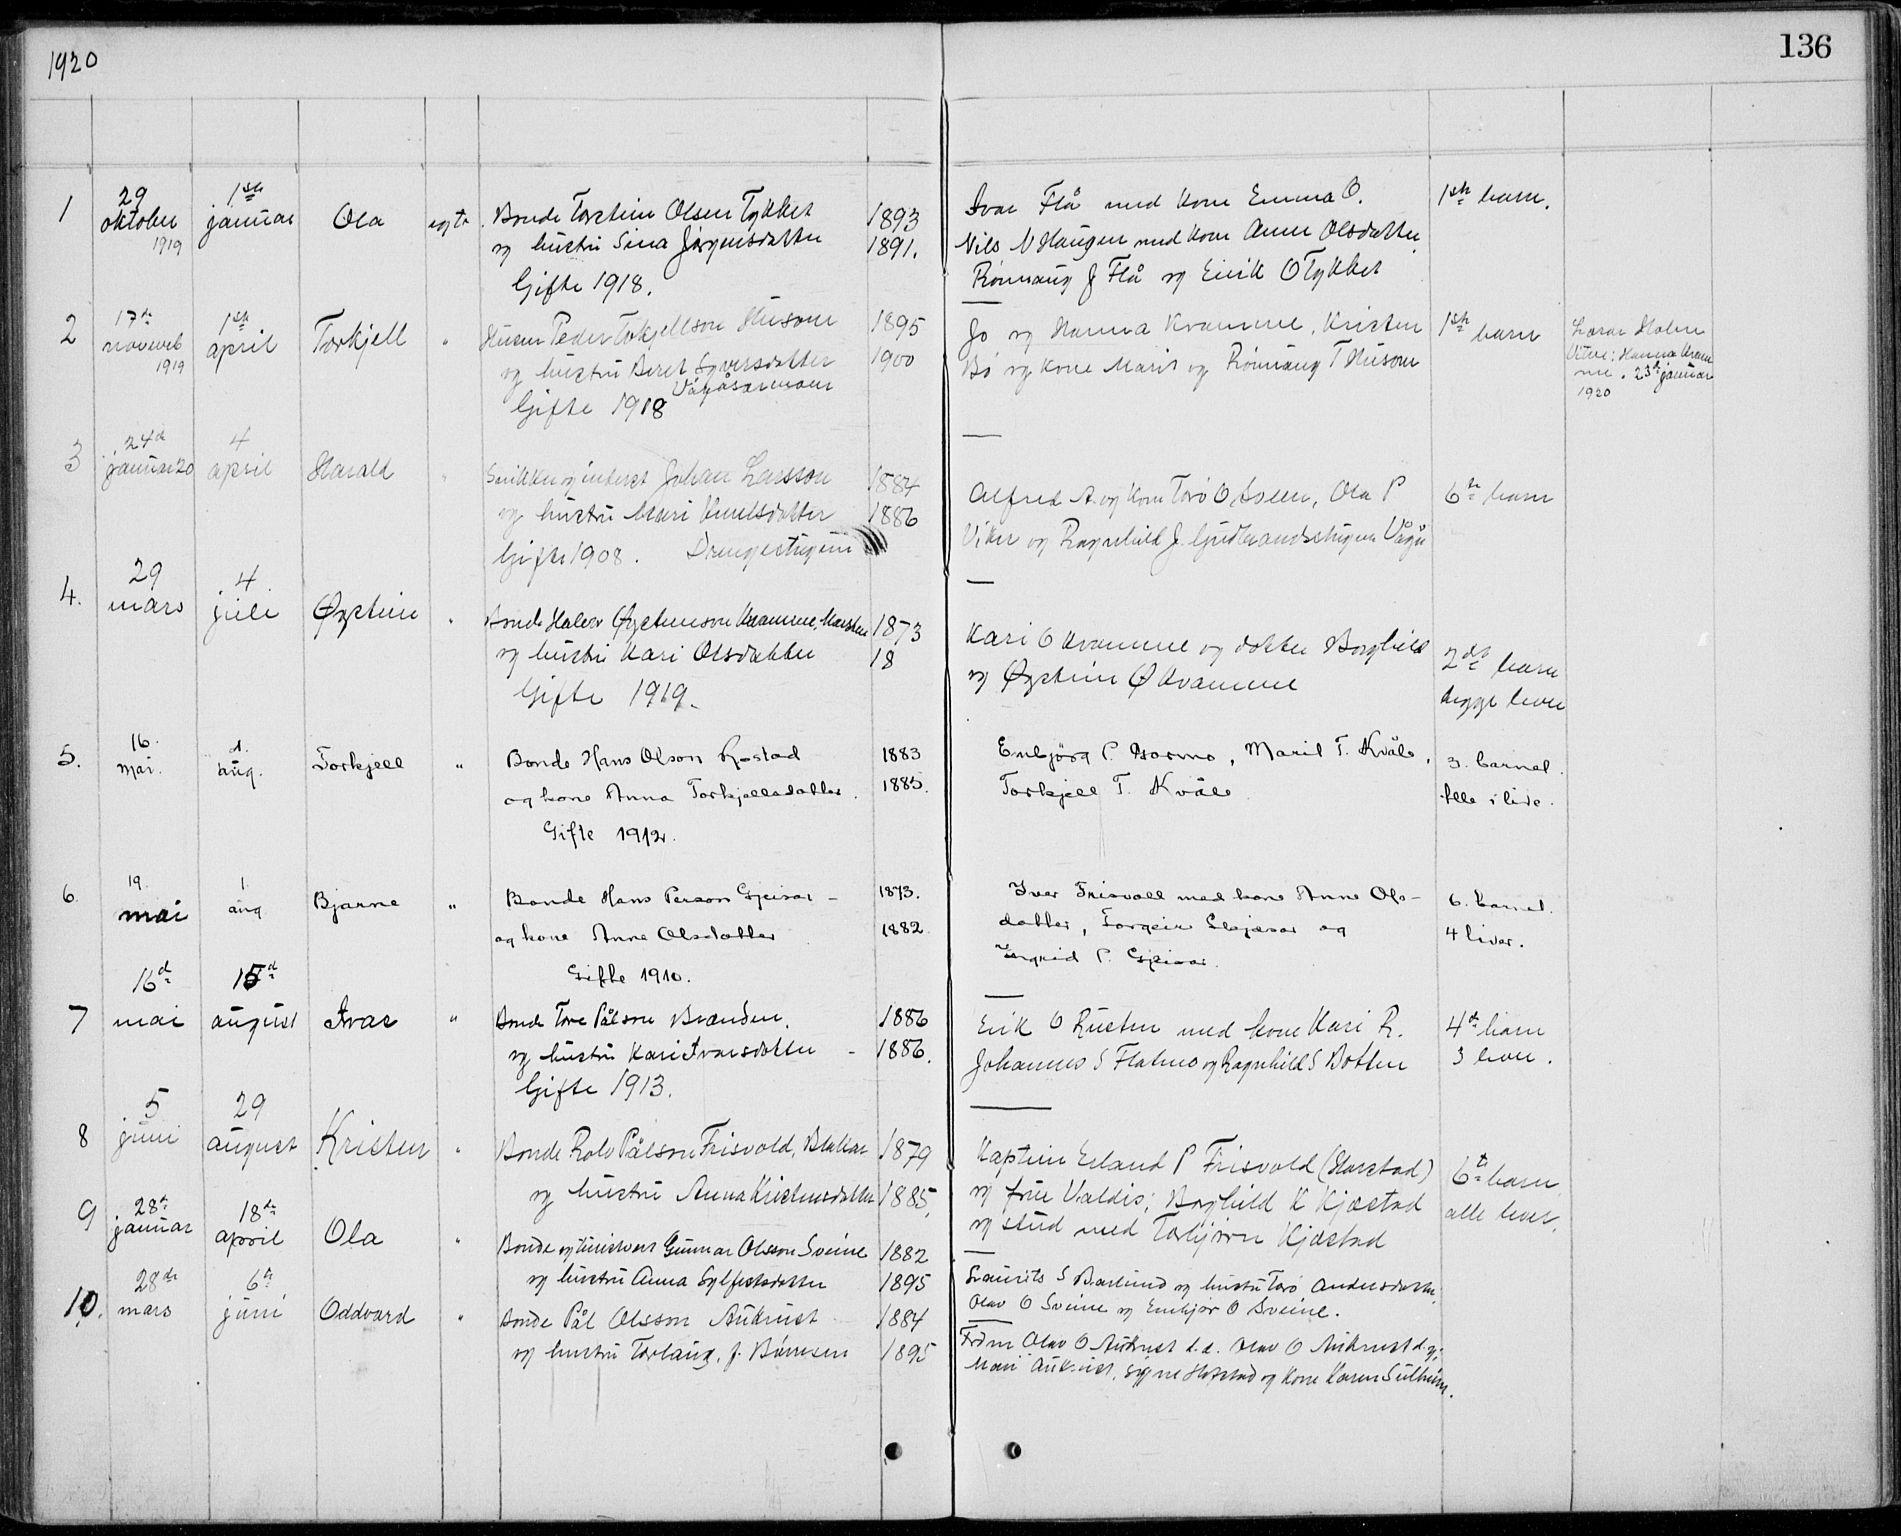 SAH, Lom prestekontor, L/L0013: Klokkerbok nr. 13, 1874-1938, s. 136